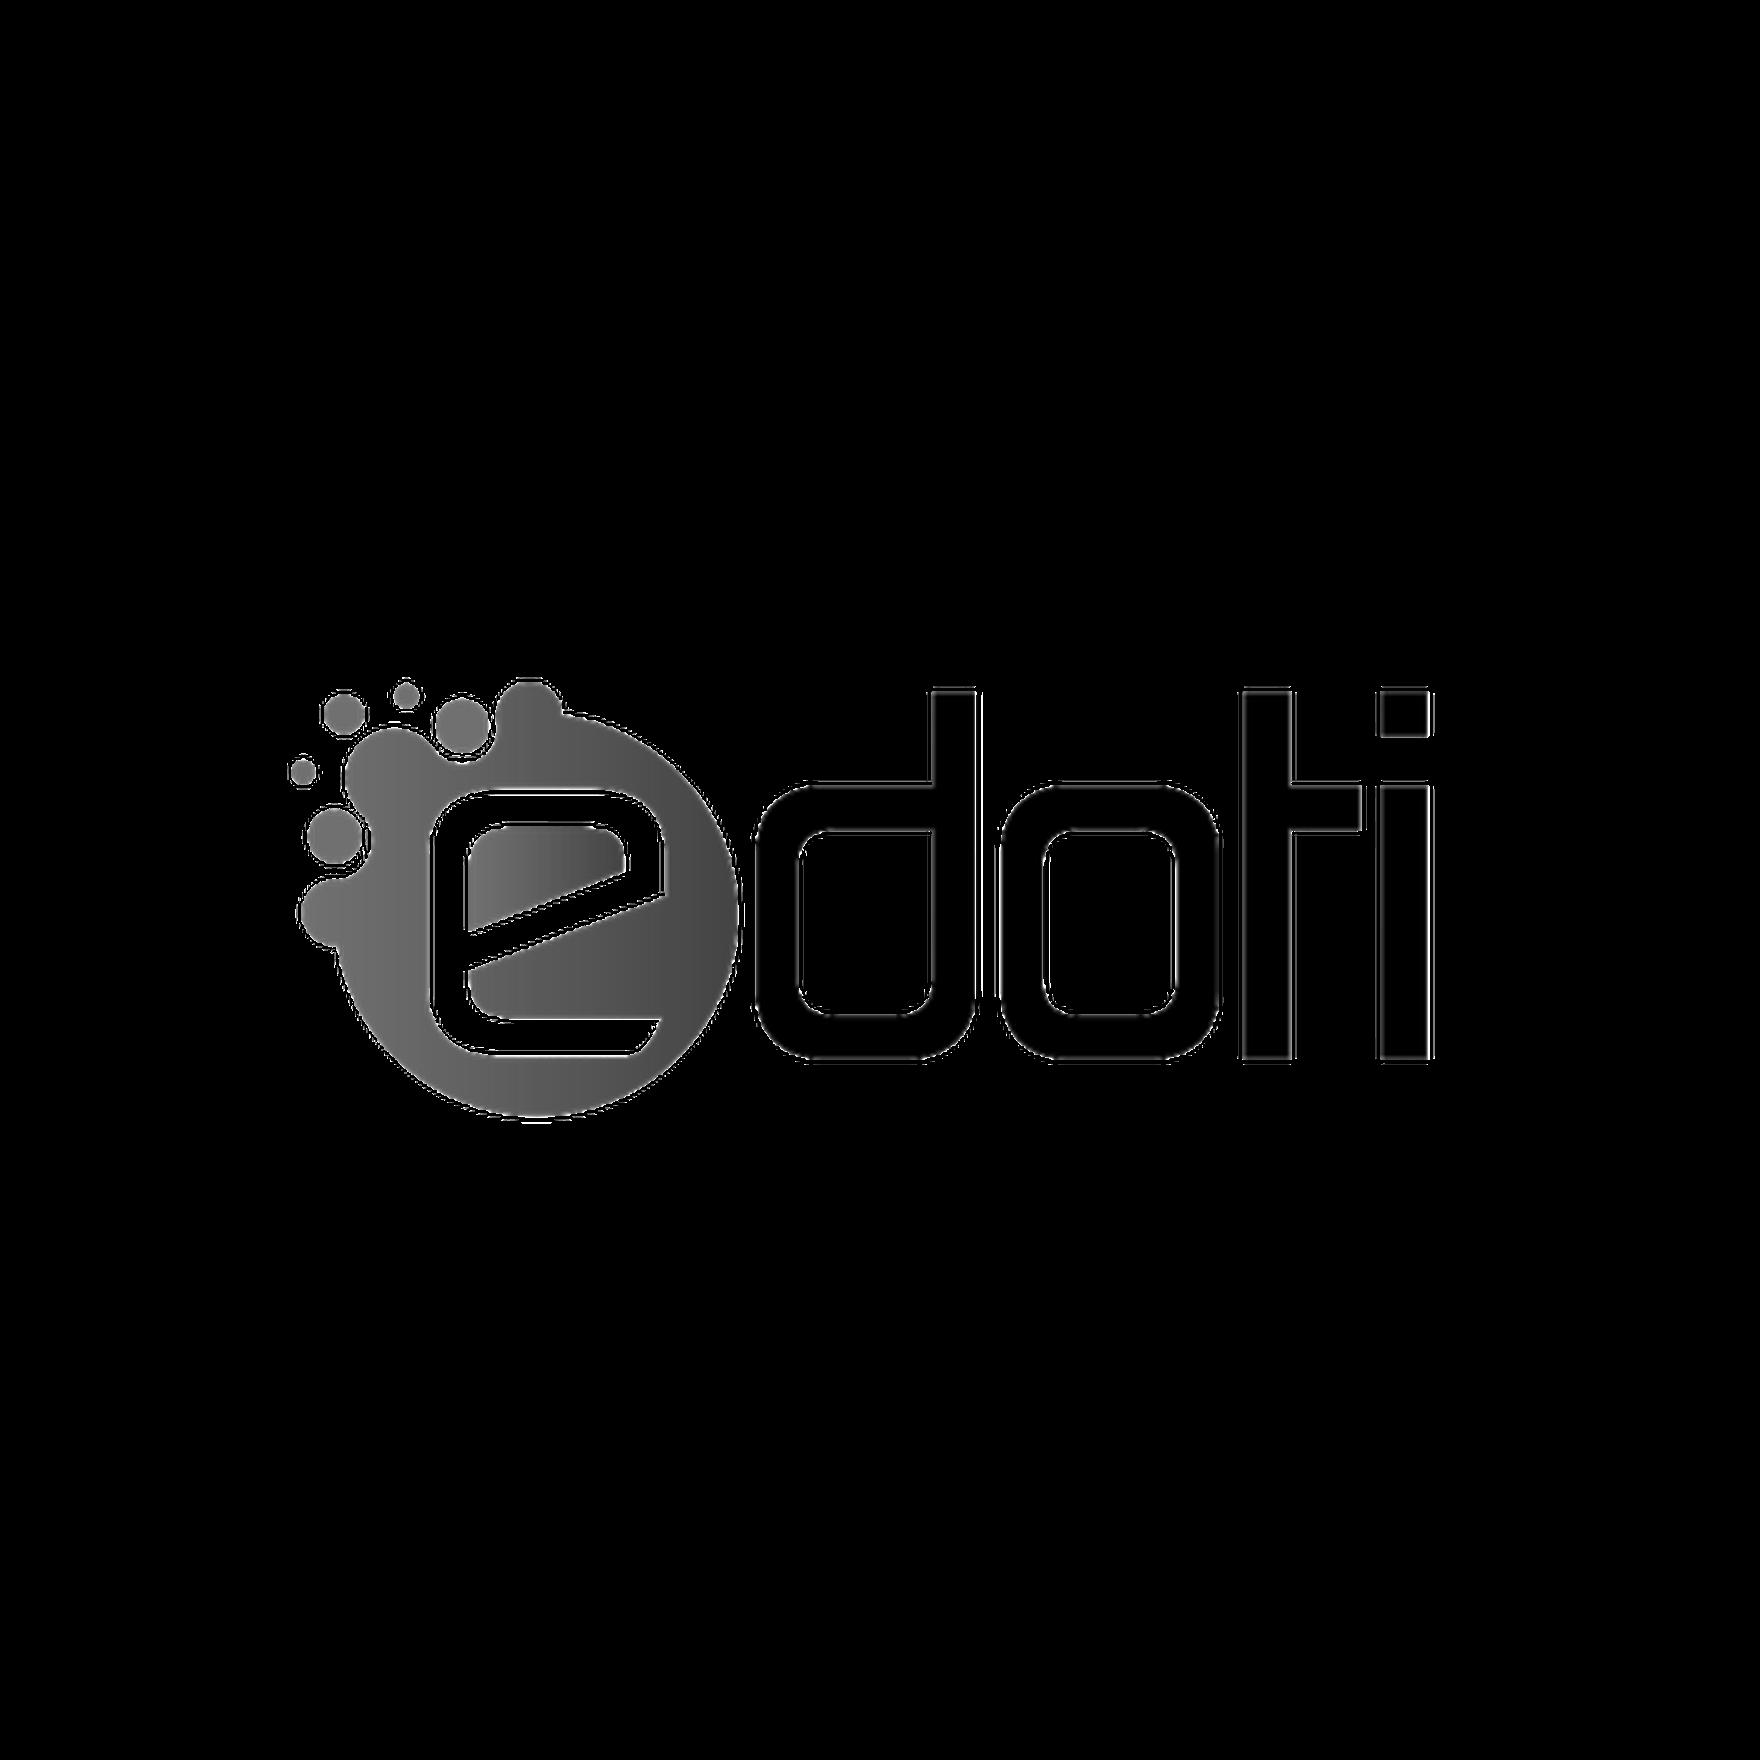 Edoti.com